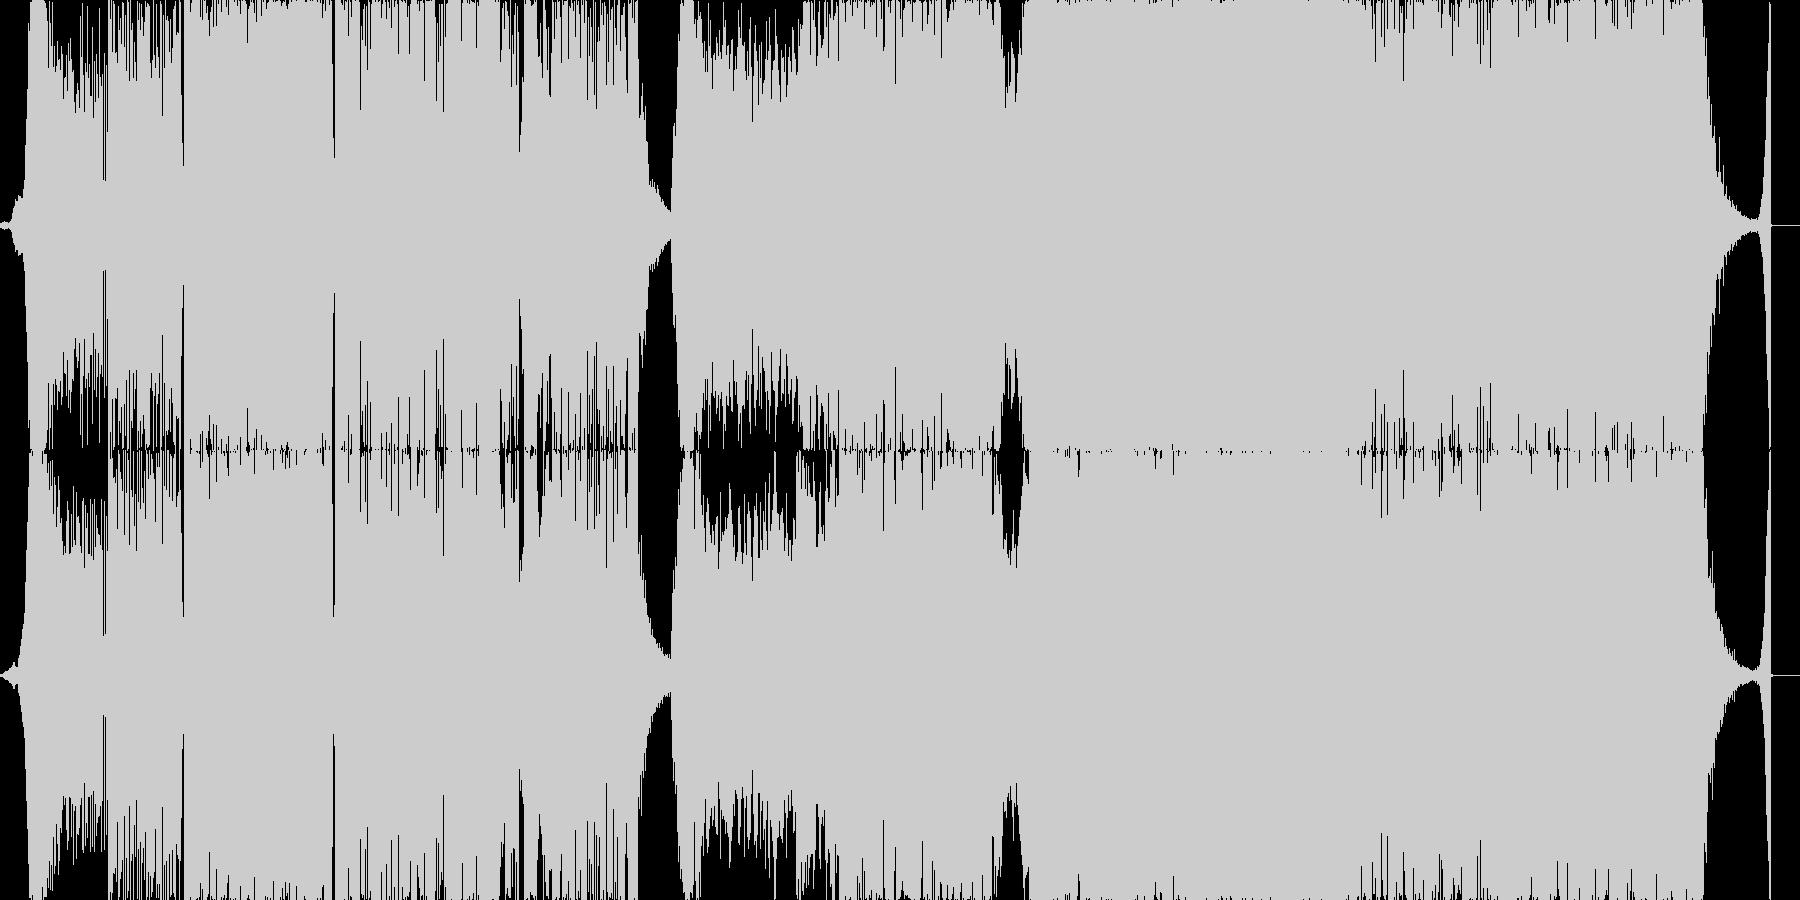 オープニングを彩る曲の未再生の波形